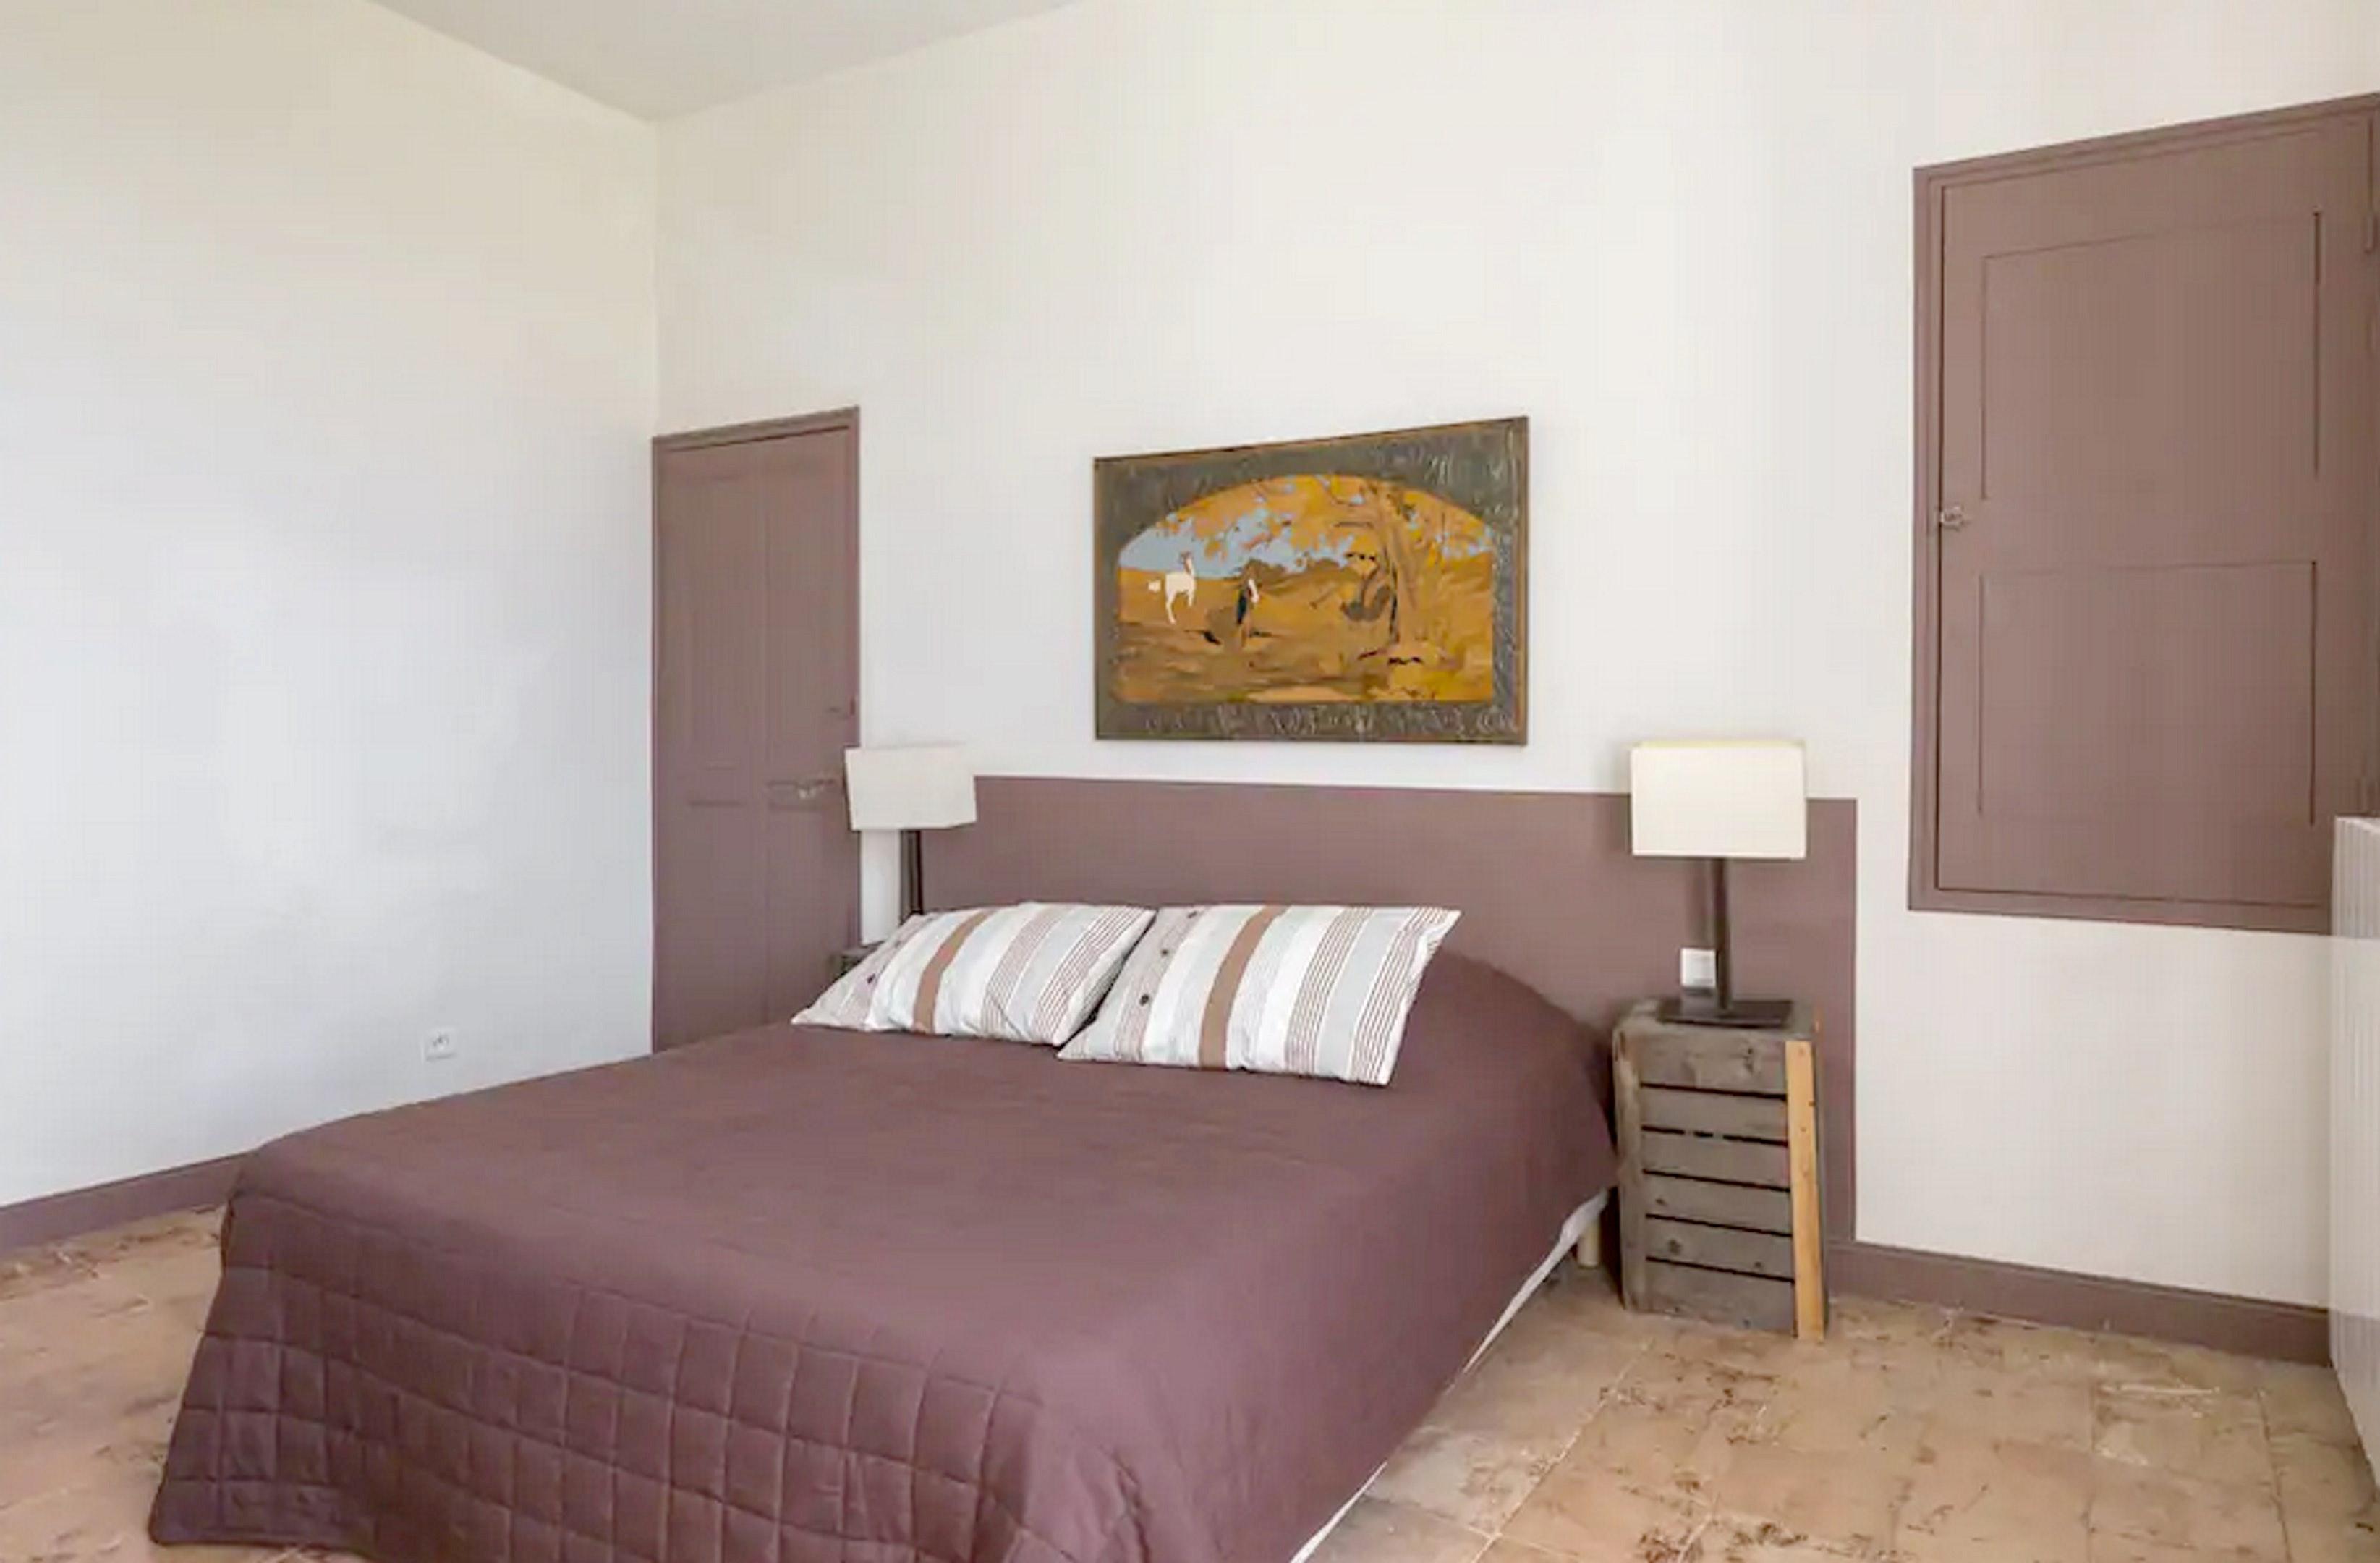 Maison de vacances Villa mit 6 Schlafzimmern in L'Isle-sur-la-Sorgue mit privatem Pool, möbliertem Garten und (2647203), L'Isle sur la Sorgue, Vaucluse, Provence - Alpes - Côte d'Azur, France, image 39